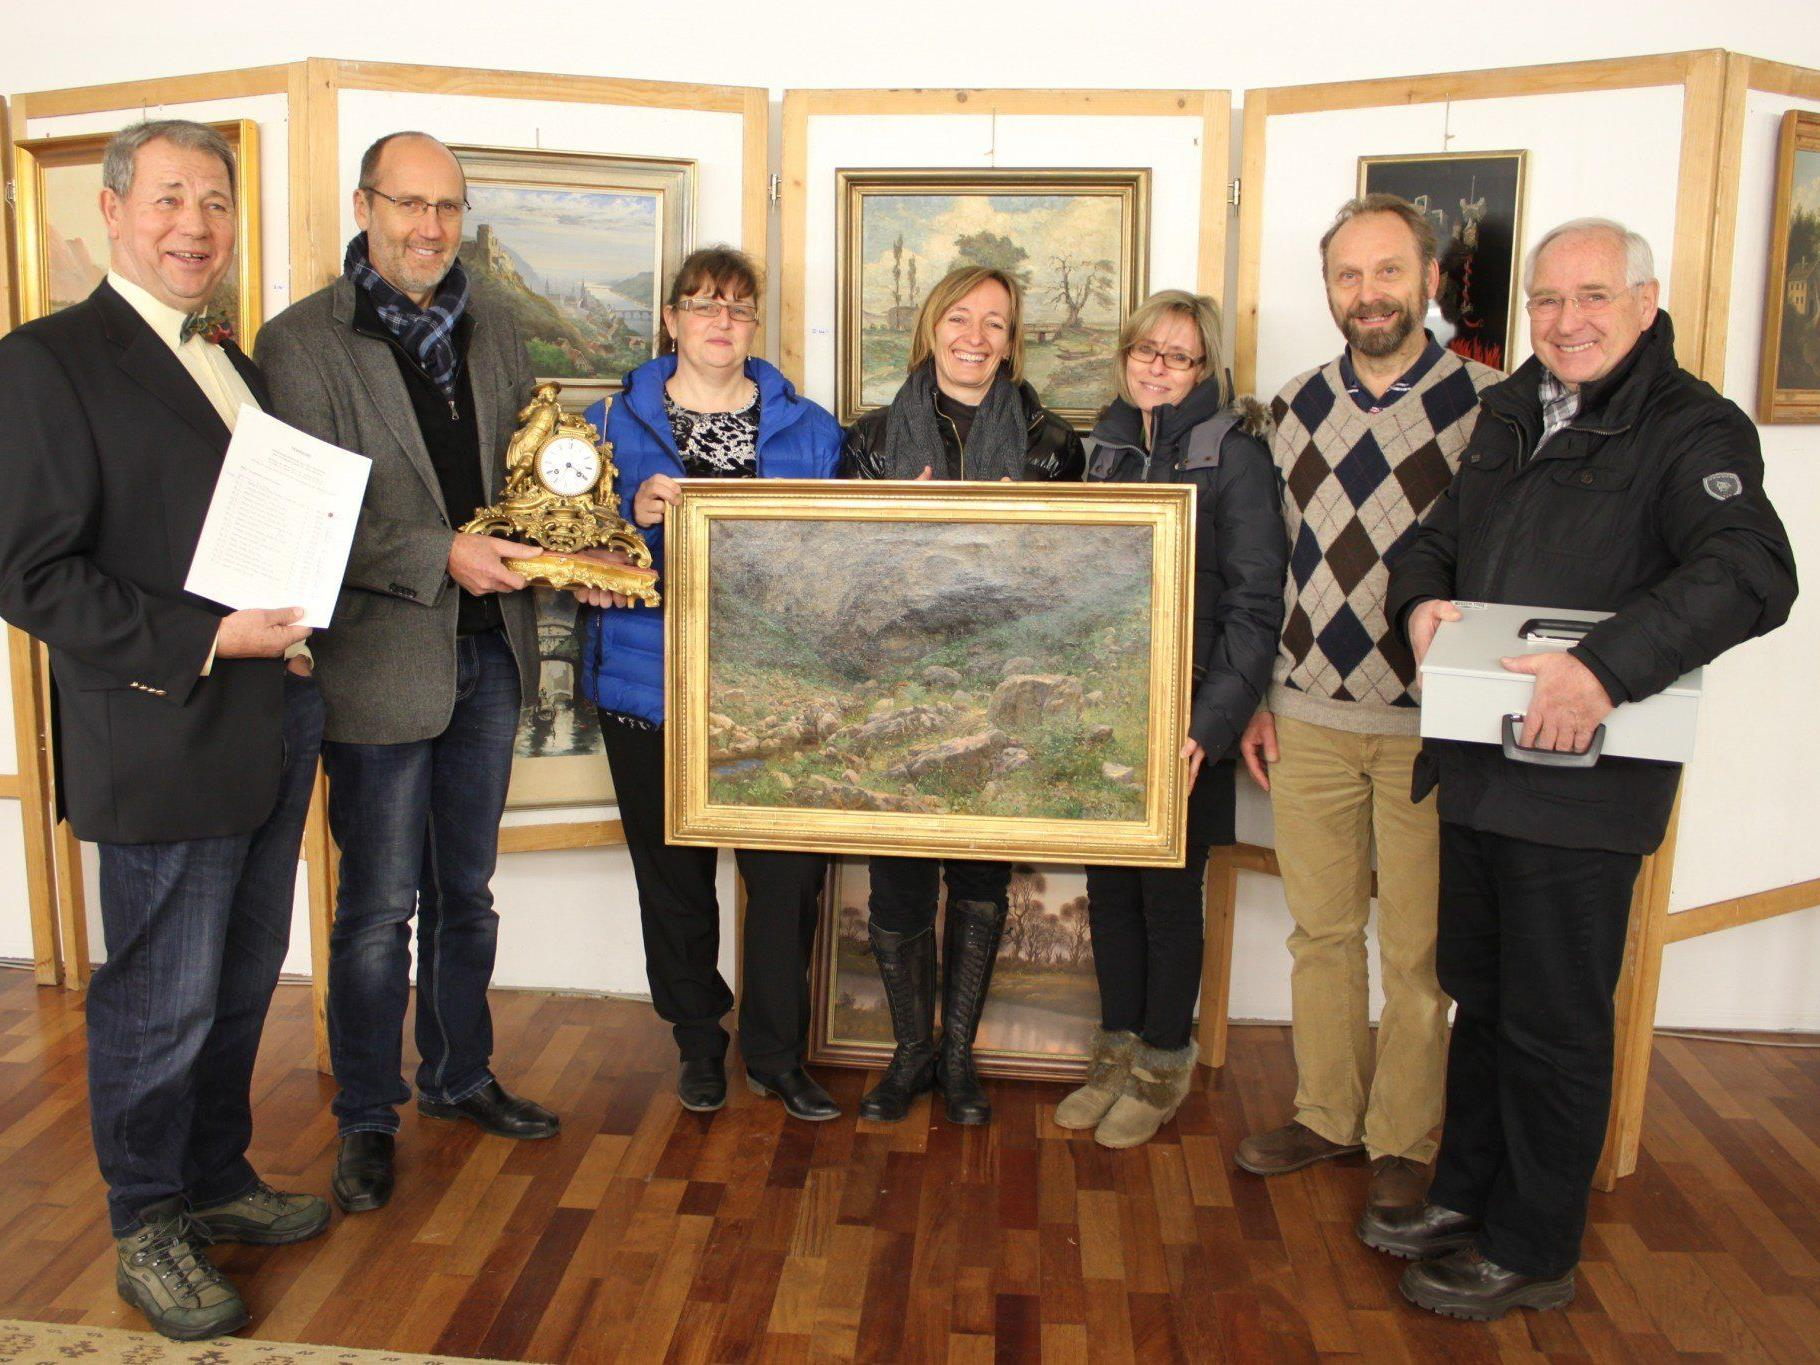 Hinter der erfolgreichen Verkaufsausstellung mit Kunstobjekten aus dem Otto-Möltner-Nachlass stand ein engagiertes Team.